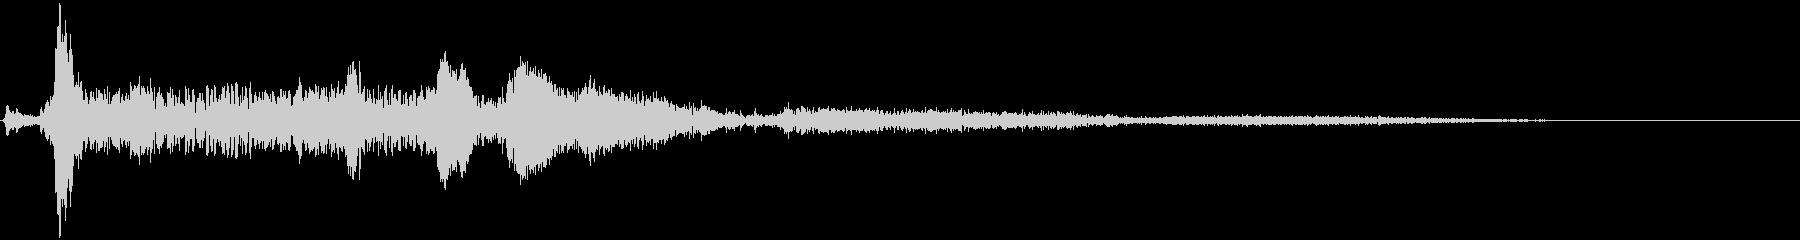 レッカー車:スタートアンドアウェイ...の未再生の波形